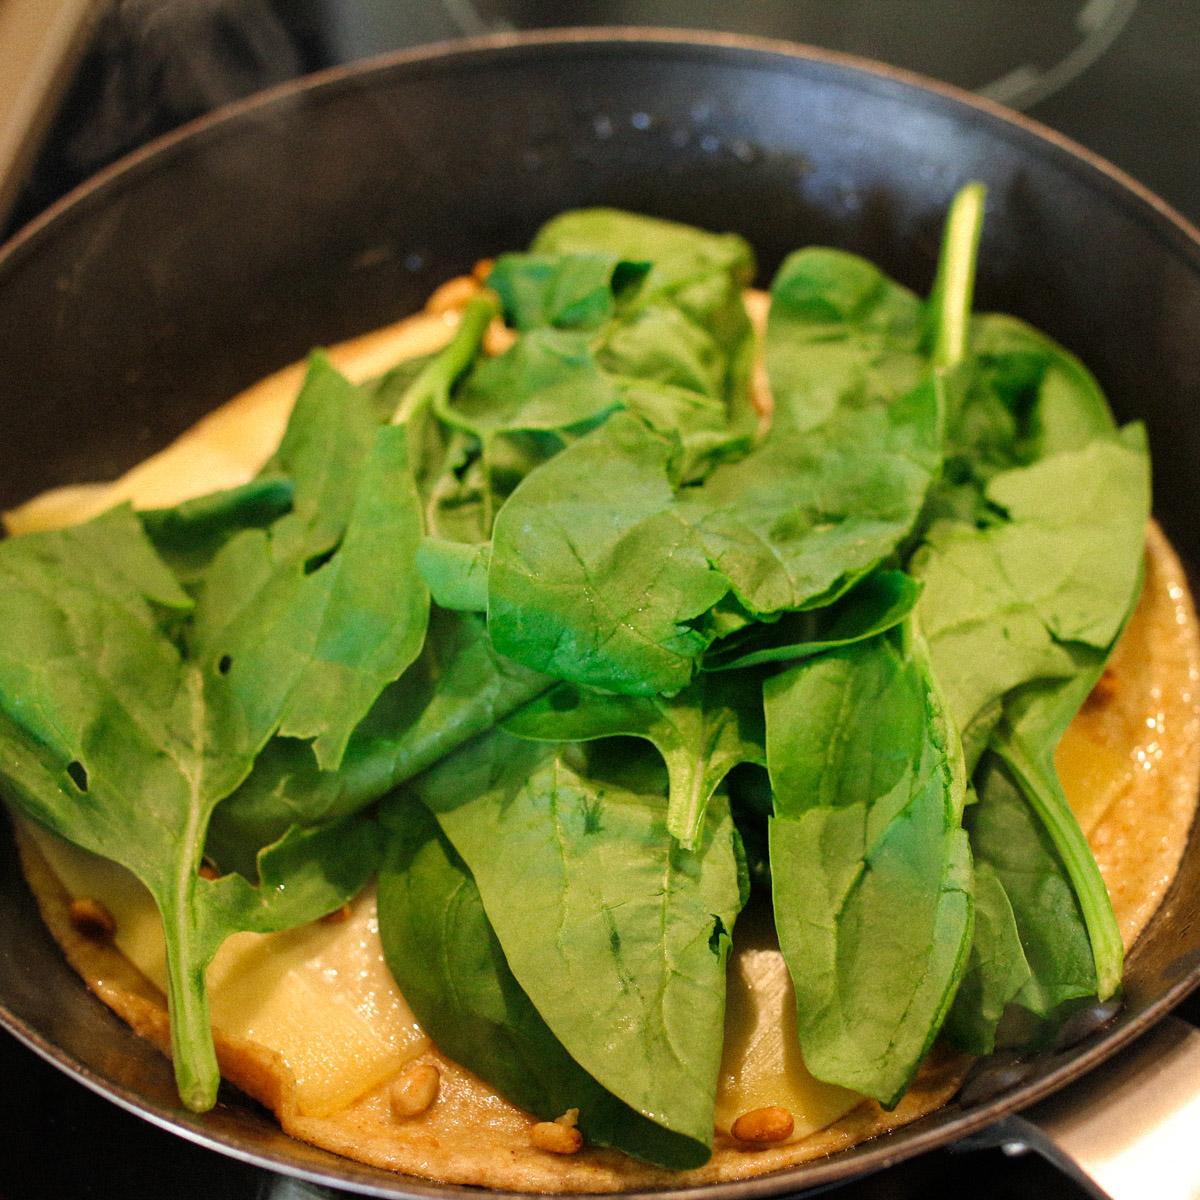 pannenkoeken-met-spinazie-3.jpg